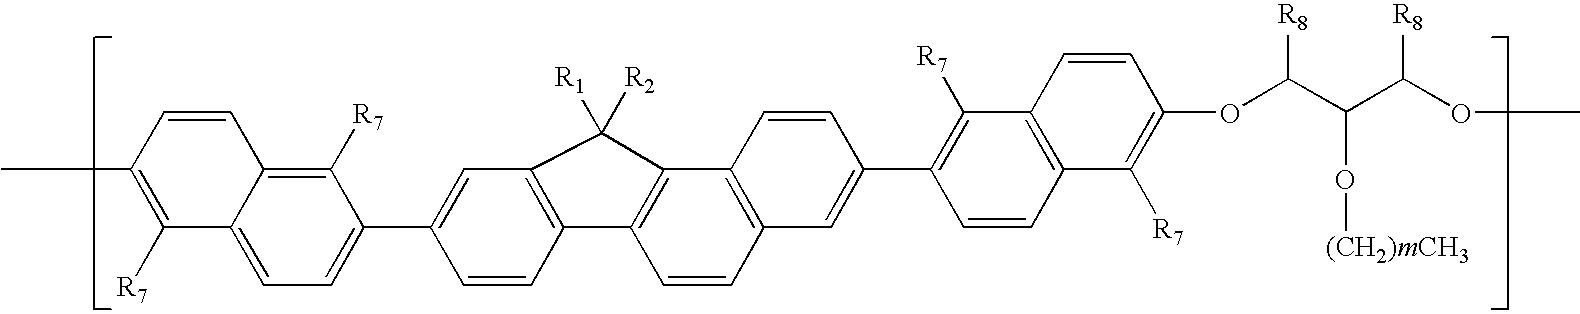 Figure US06849348-20050201-C00063